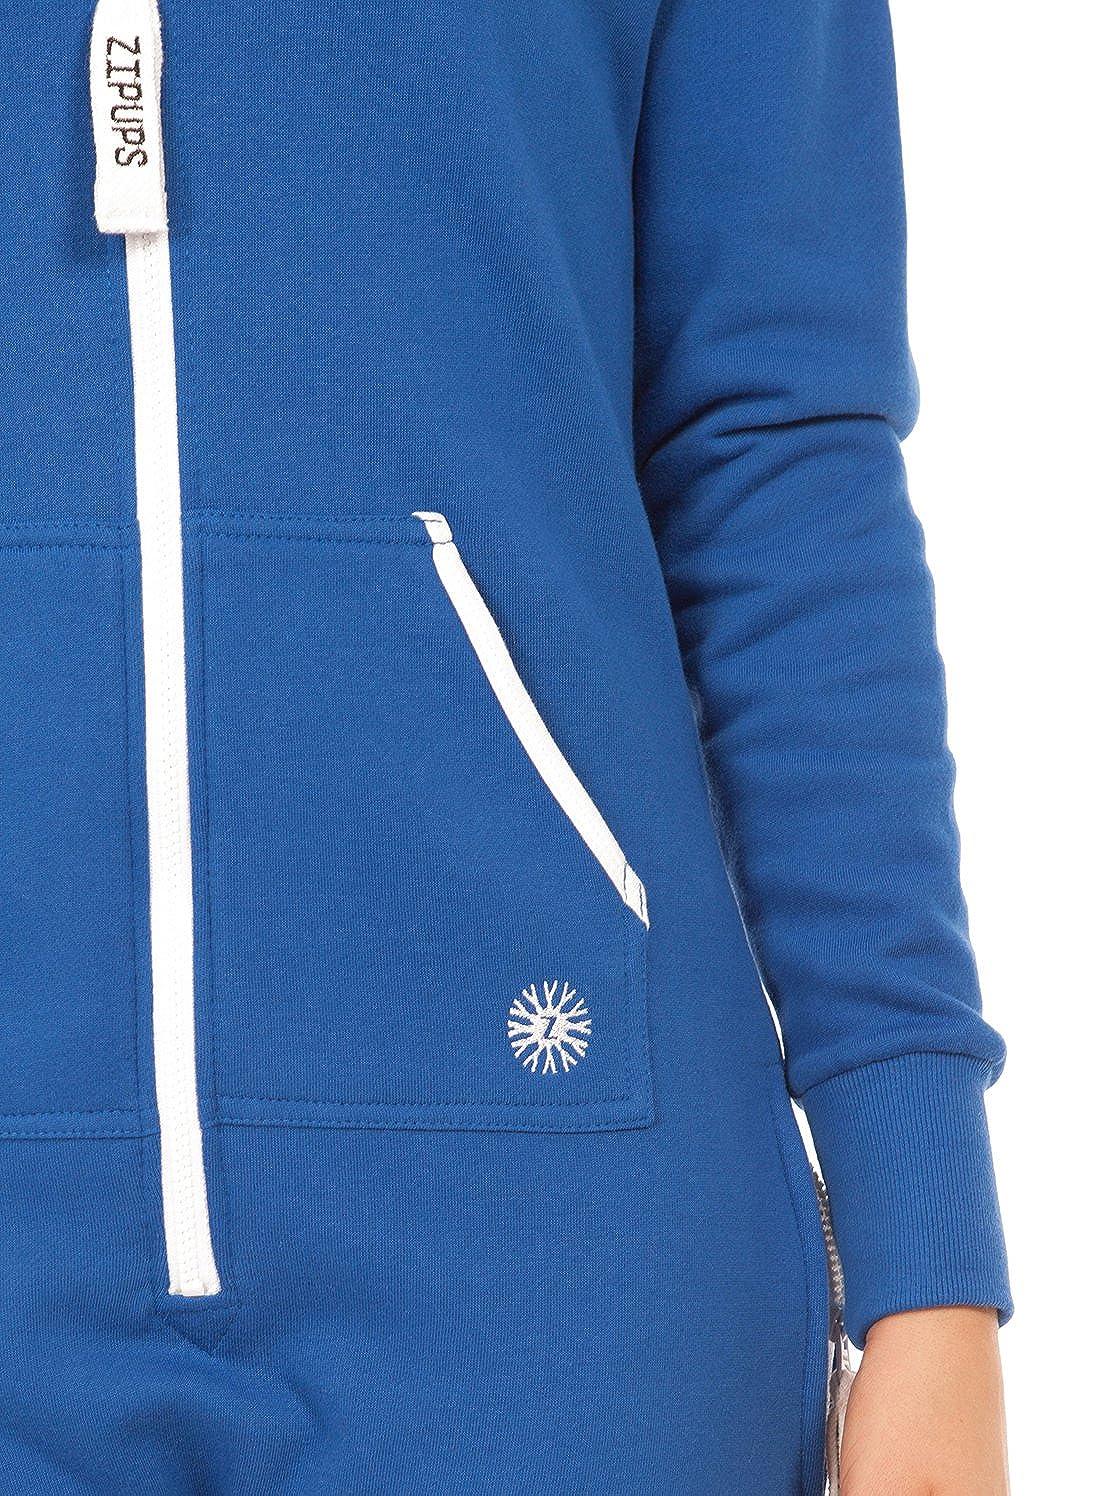 Zipups Mono-Pijama Clean Cut Azul 6-7 años (116/122 cm): Amazon.es: Ropa y accesorios